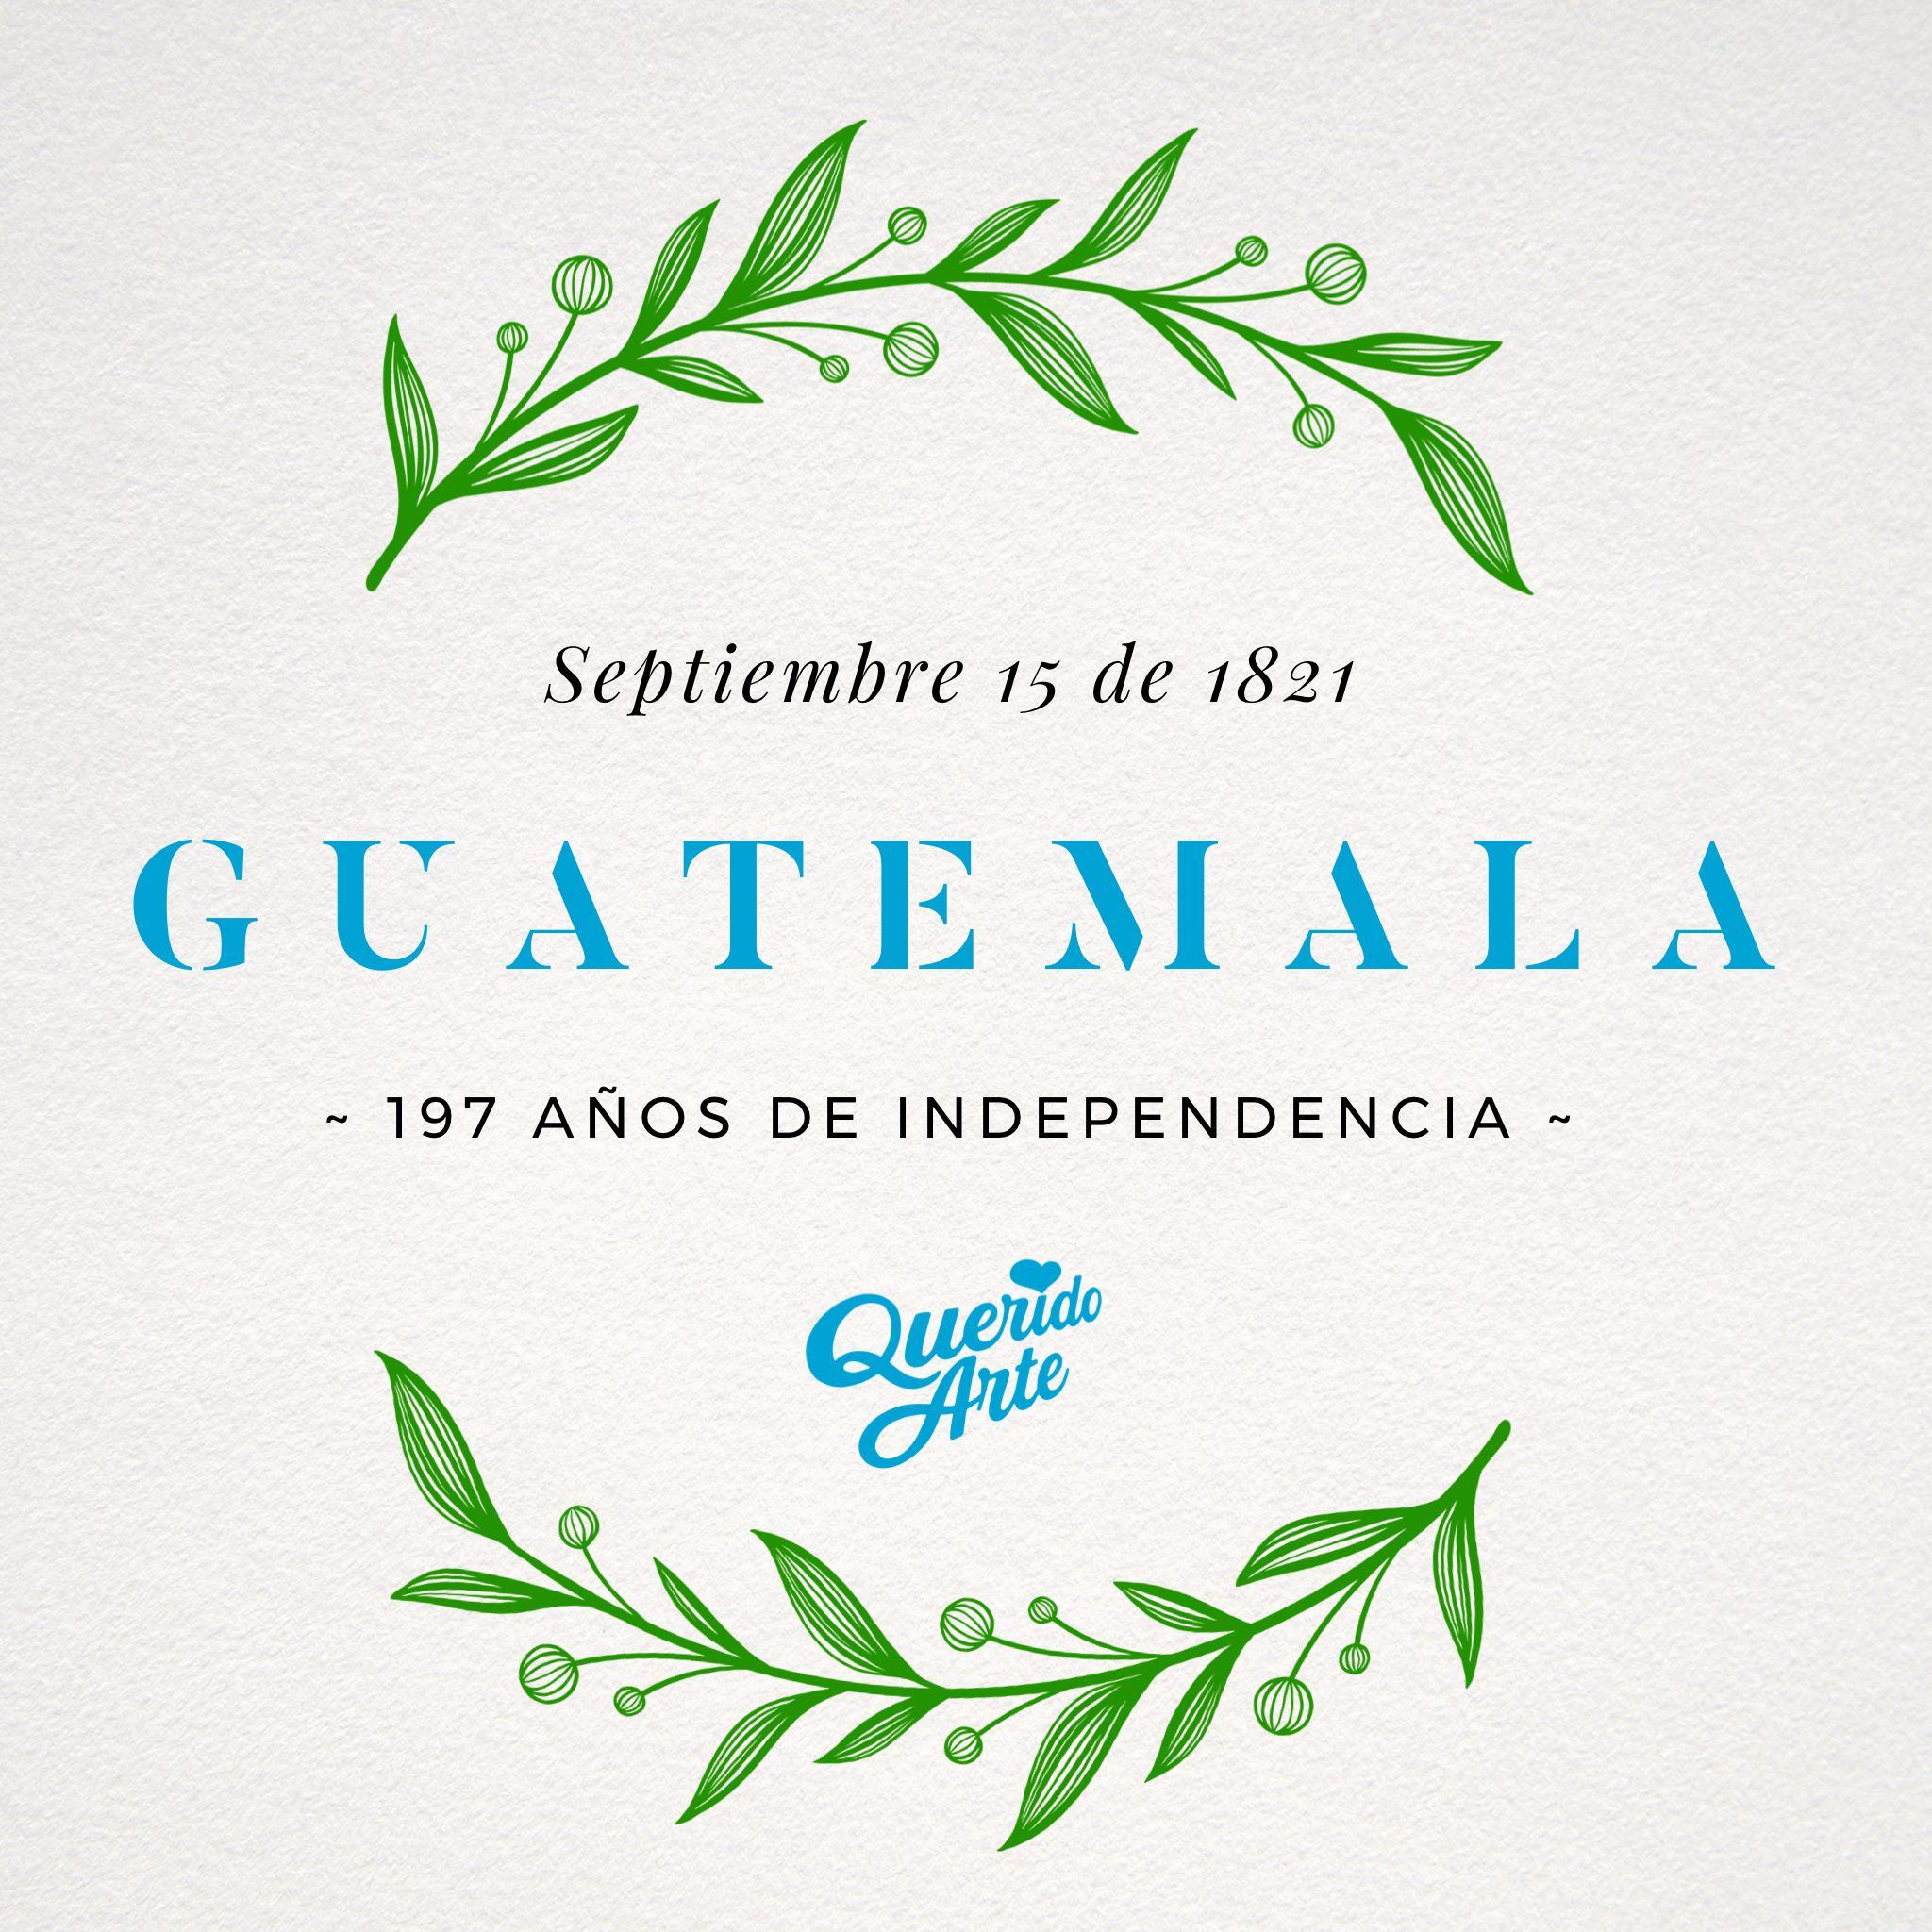 🌿🇬🇹🌿 Con todo nuestro amor y patriotismo cantemos hoy y todos los días: ¡Libre al viento tu hermosa bandera... Guatemala tu nombre inmortal! • 15 de septiembre • Día de la Independencia! 🌿🇬🇹🌿  #Guatemala  #QueridoArte